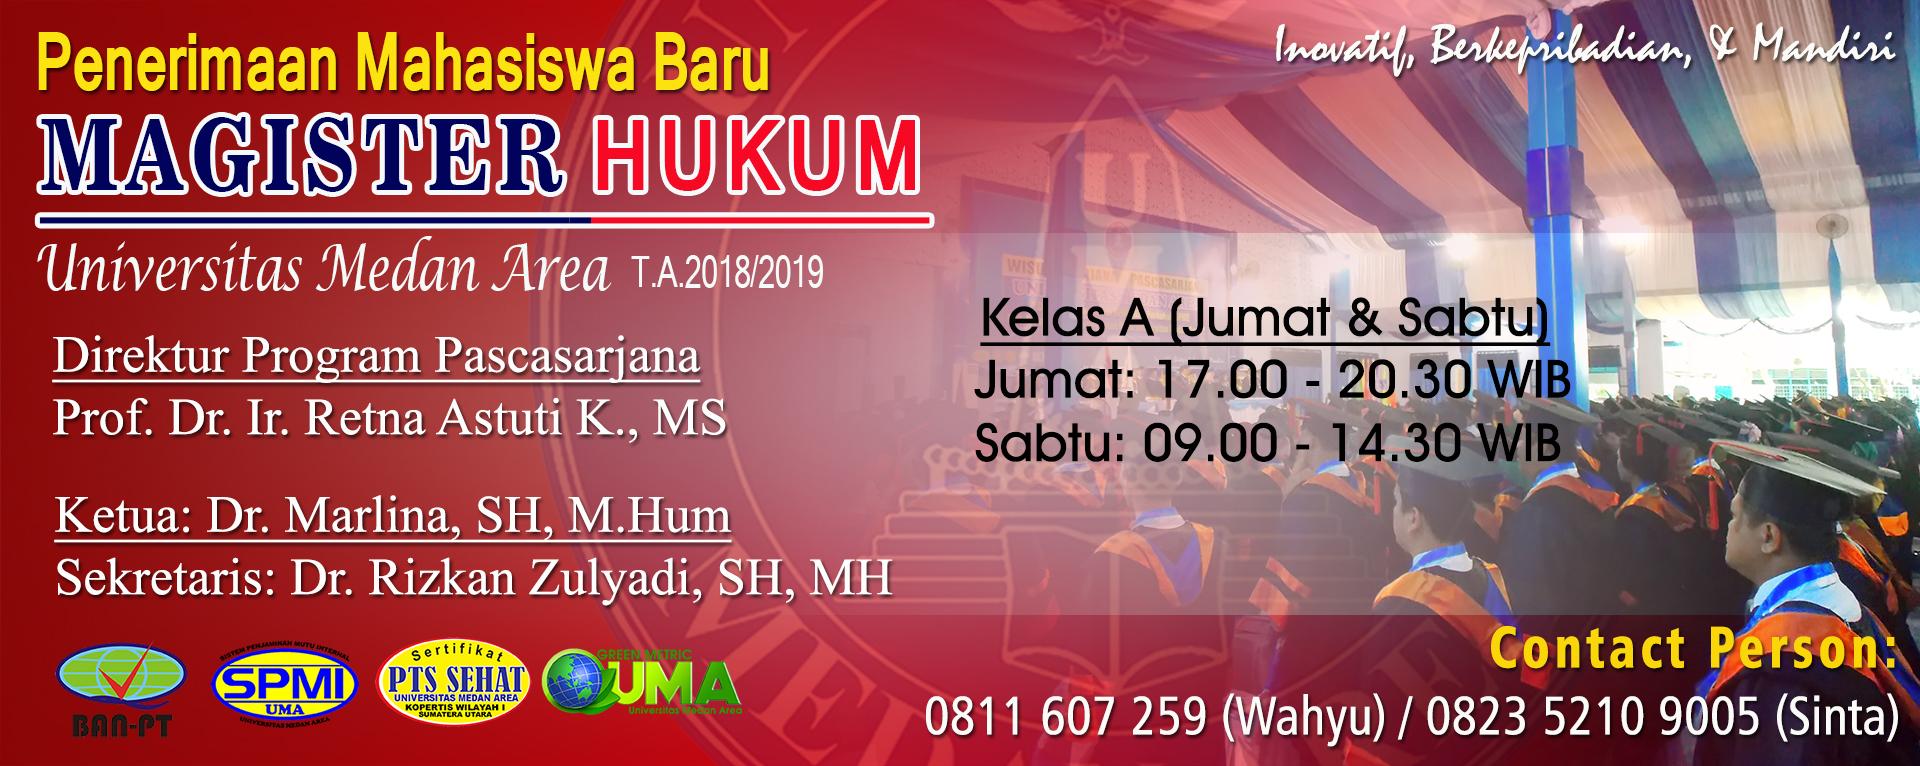 Pendaftaran Mahasiswa Baru MH TA 2018/2019